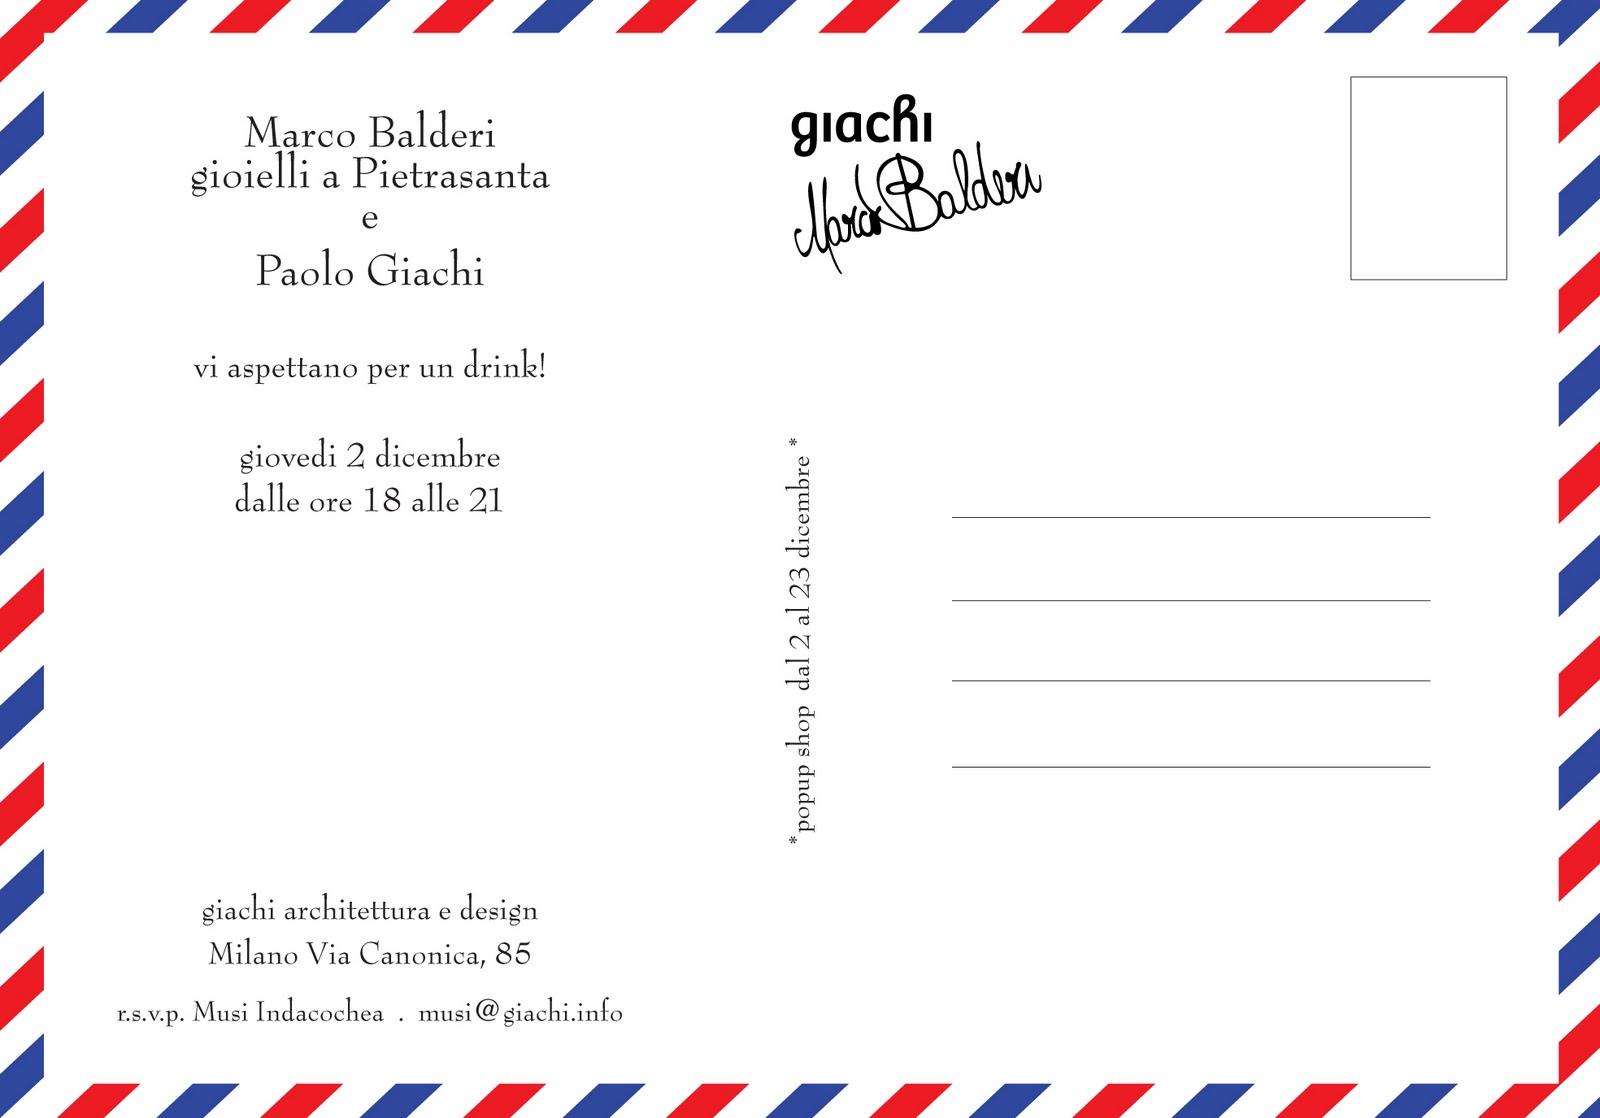 paolo giachi: Next Event - Marco Balderi - 2 December 2010, Via ...